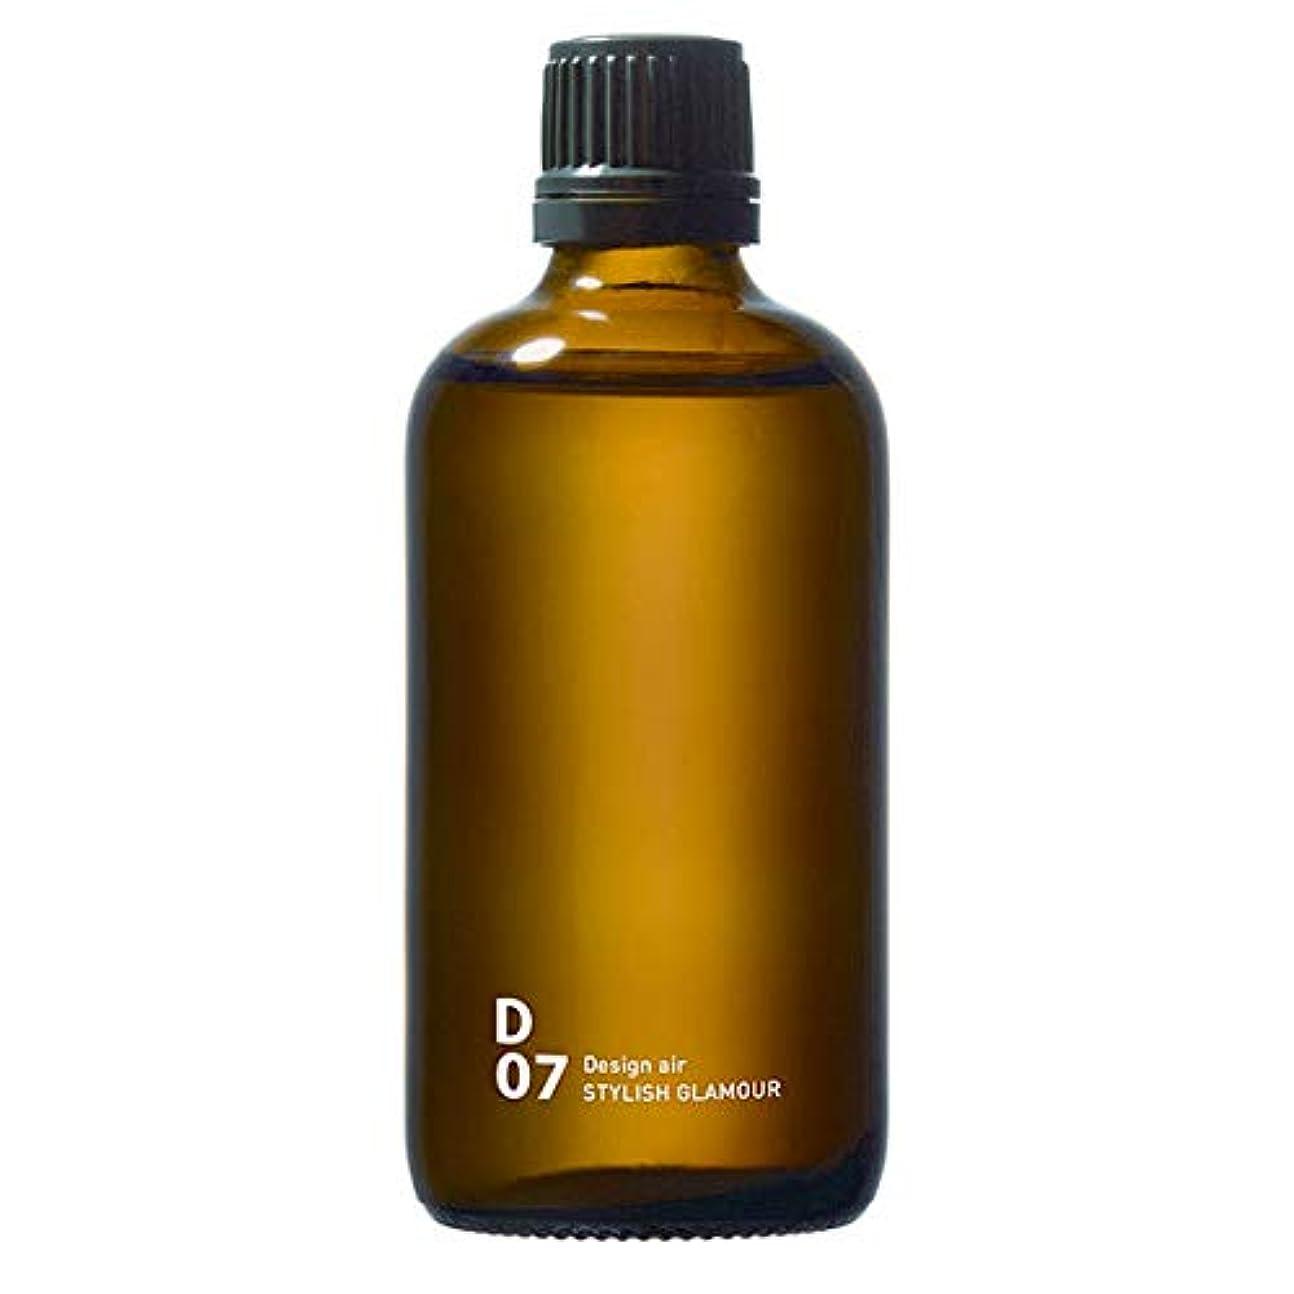 フラフープ乏しいご注意D07 STYLISH GLAMOUR piezo aroma oil 100ml